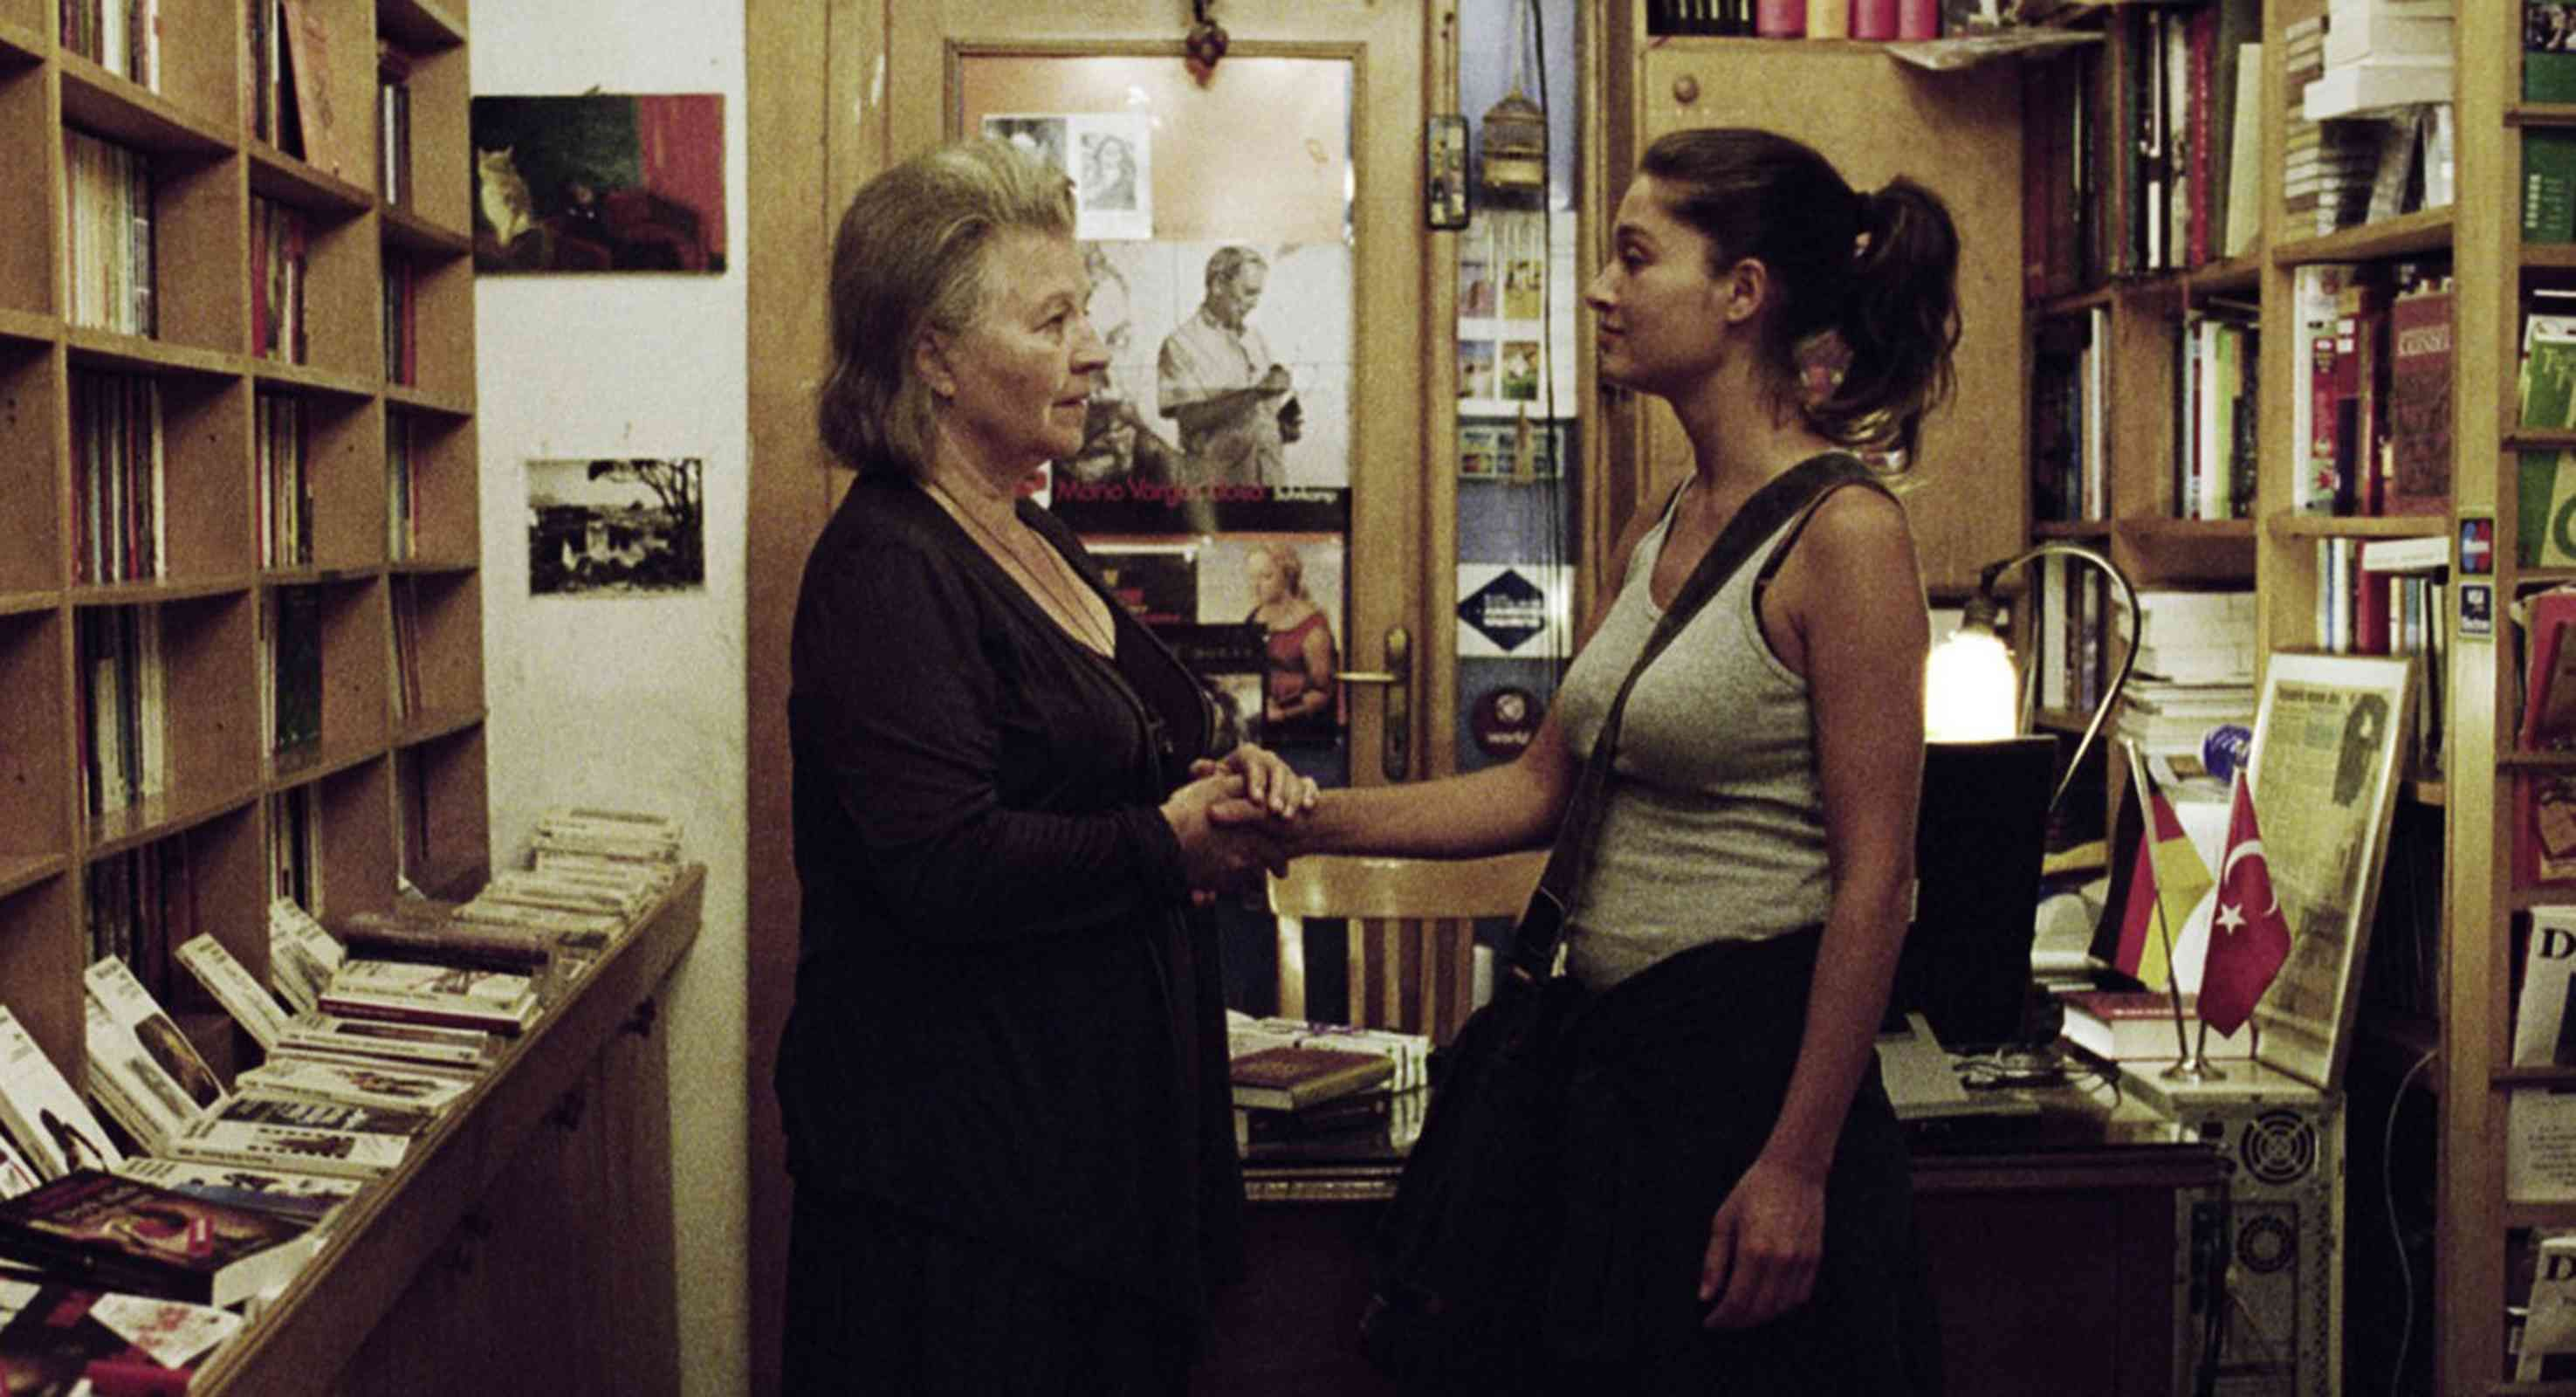 (The Edge of Heaven) (2007) reconciliacion: De una alemana y una turca en una libreria alemana de un turco, profesor de literatura alemana